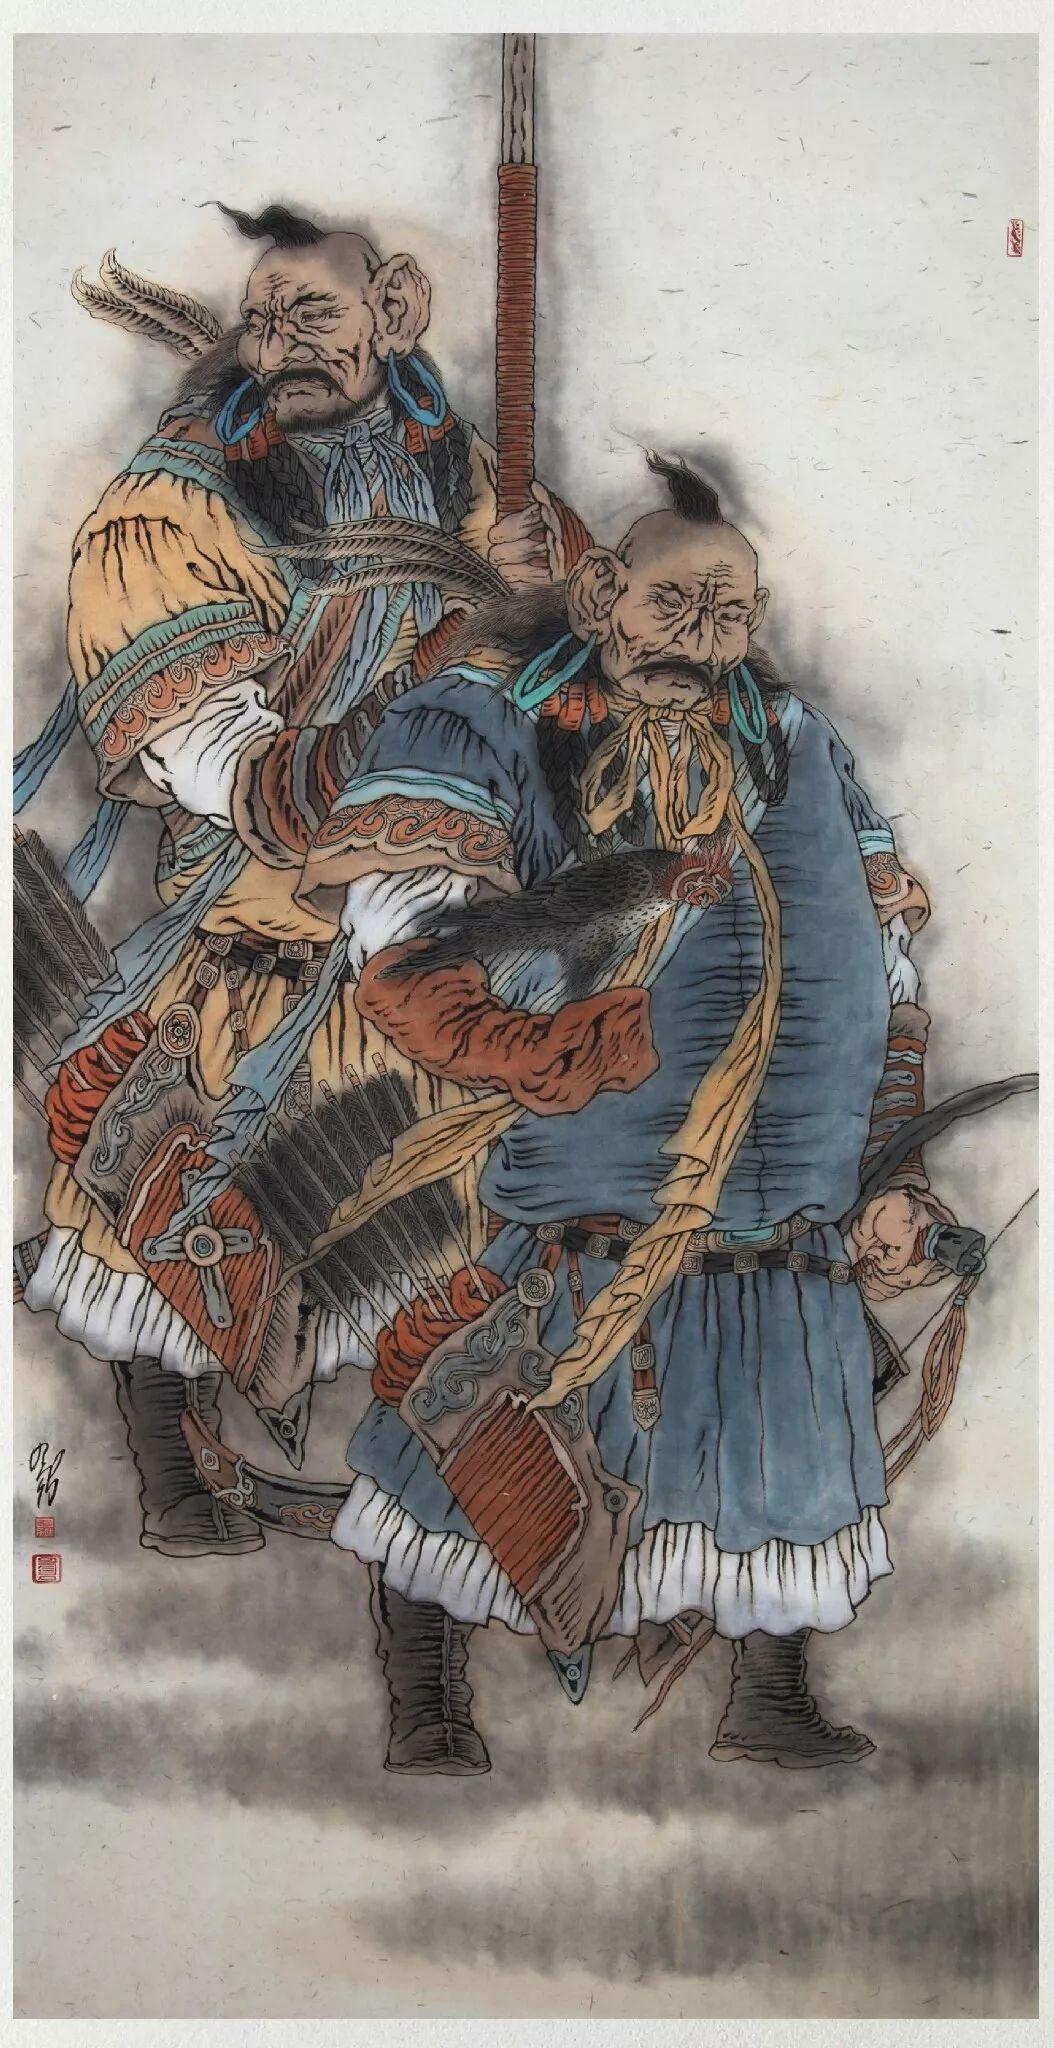 内蒙古当代美术家系列——白嘎力中国画作品选 第20张 内蒙古当代美术家系列——白嘎力中国画作品选 蒙古画廊